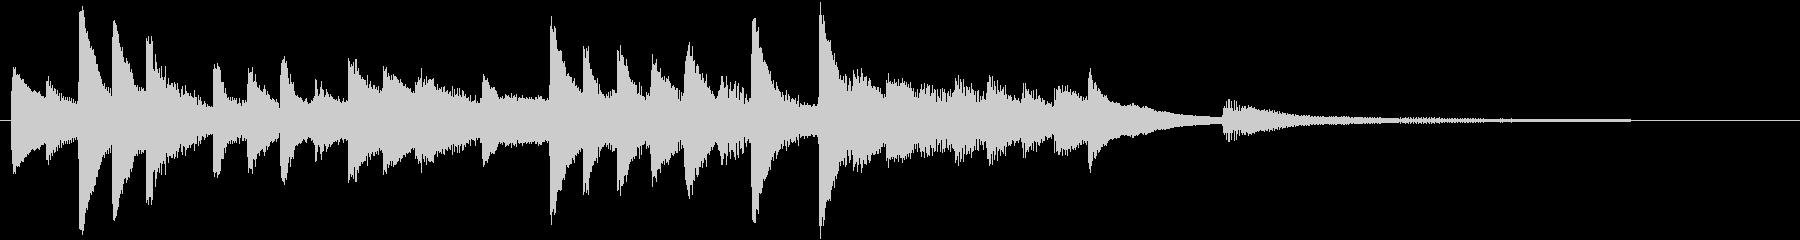 四季より「冬」モチーフのピアノジングルDの未再生の波形